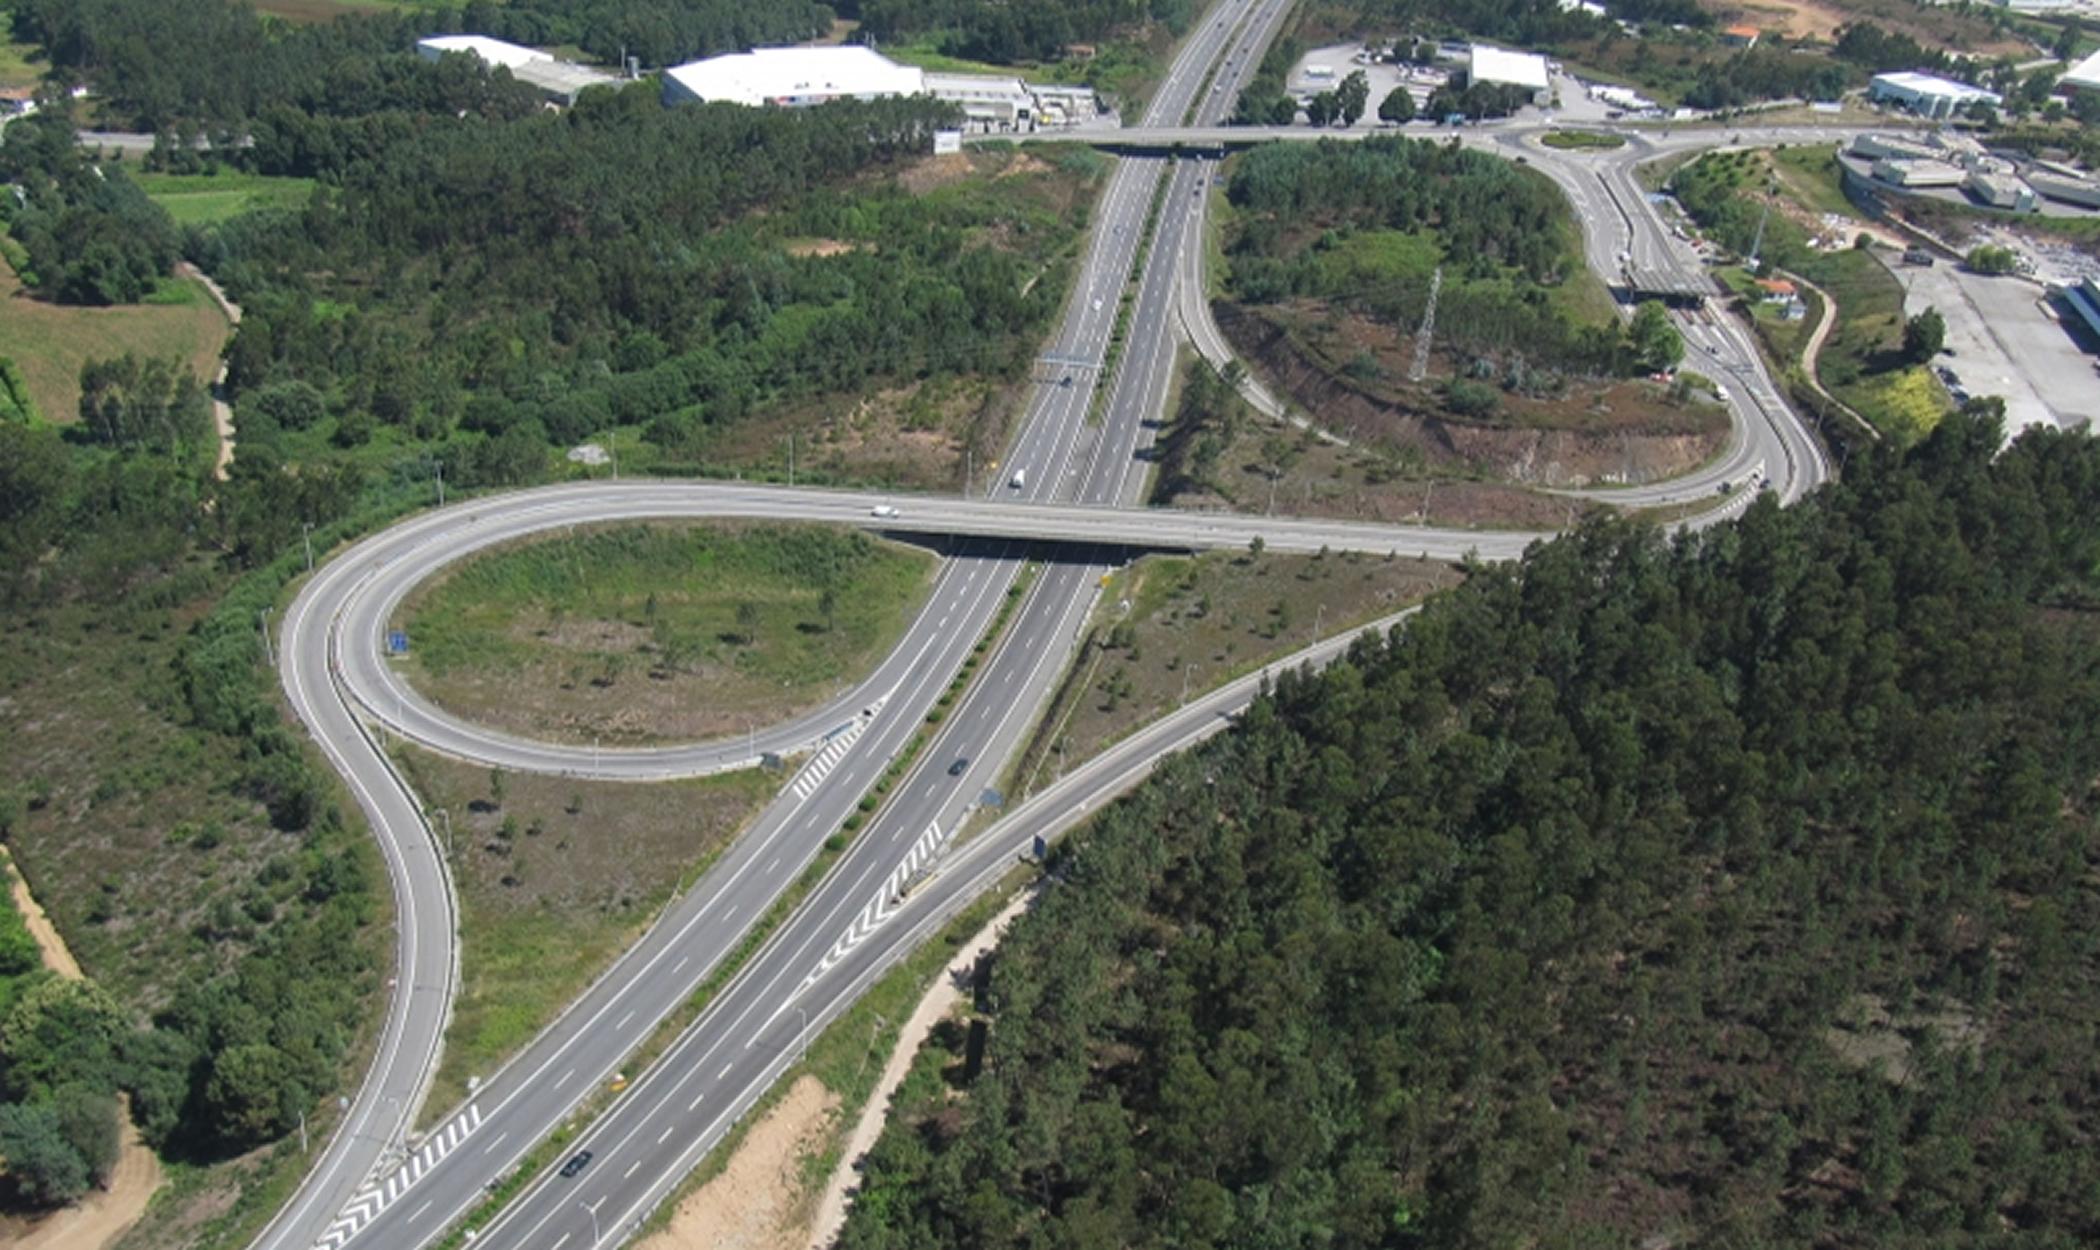 Alargamento e Beneficiação da Auto-Estrada A3, Sub-lanço Águas Santas-Maia